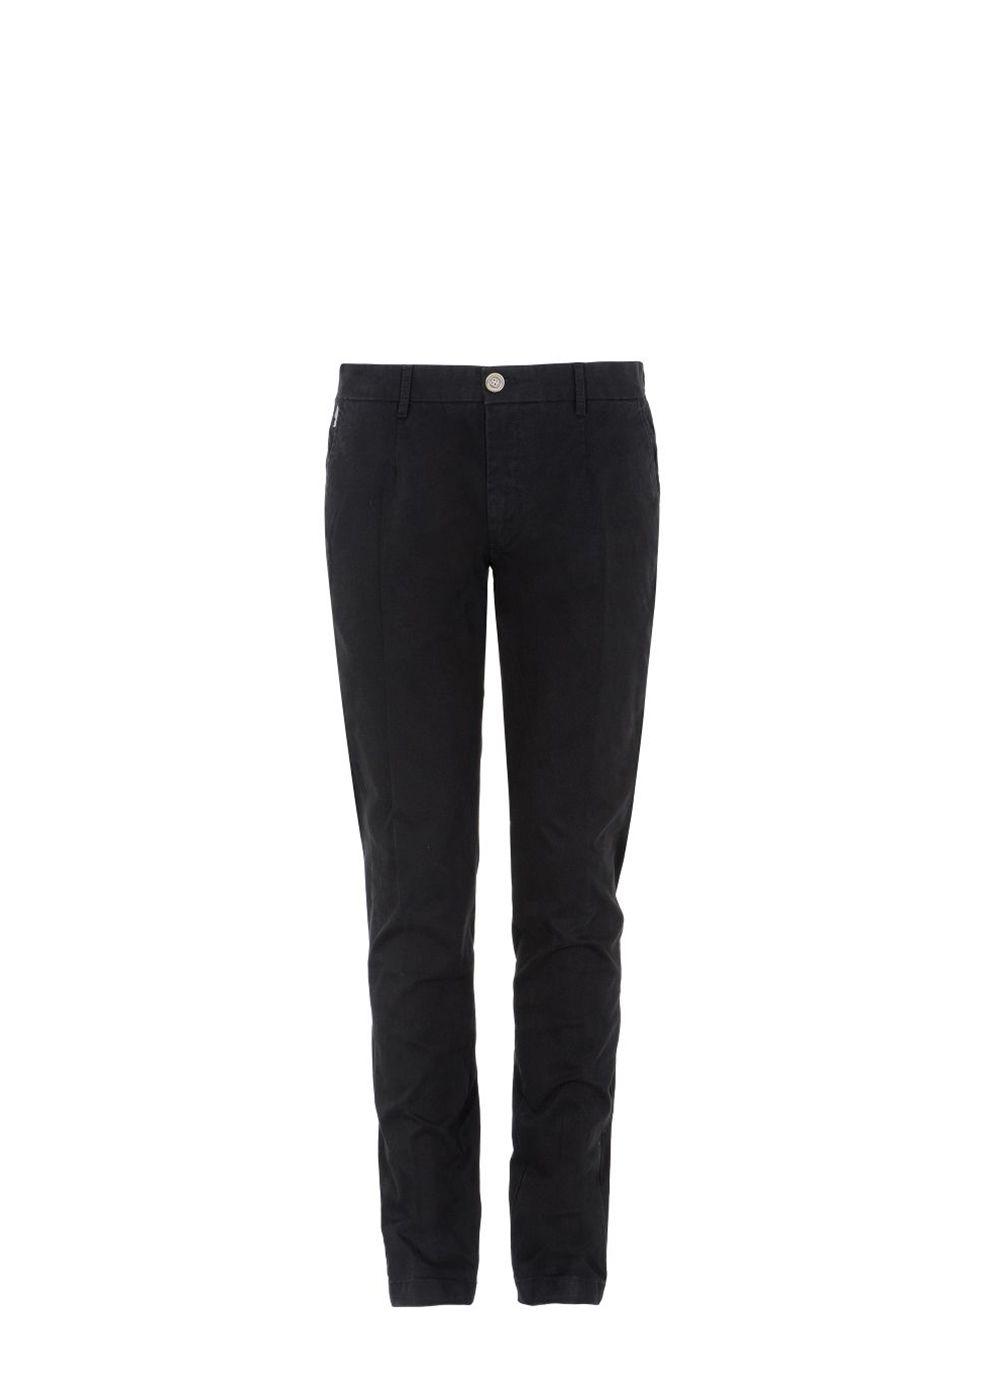 Spodnie męskie SPOMT-0032-99(Z19)